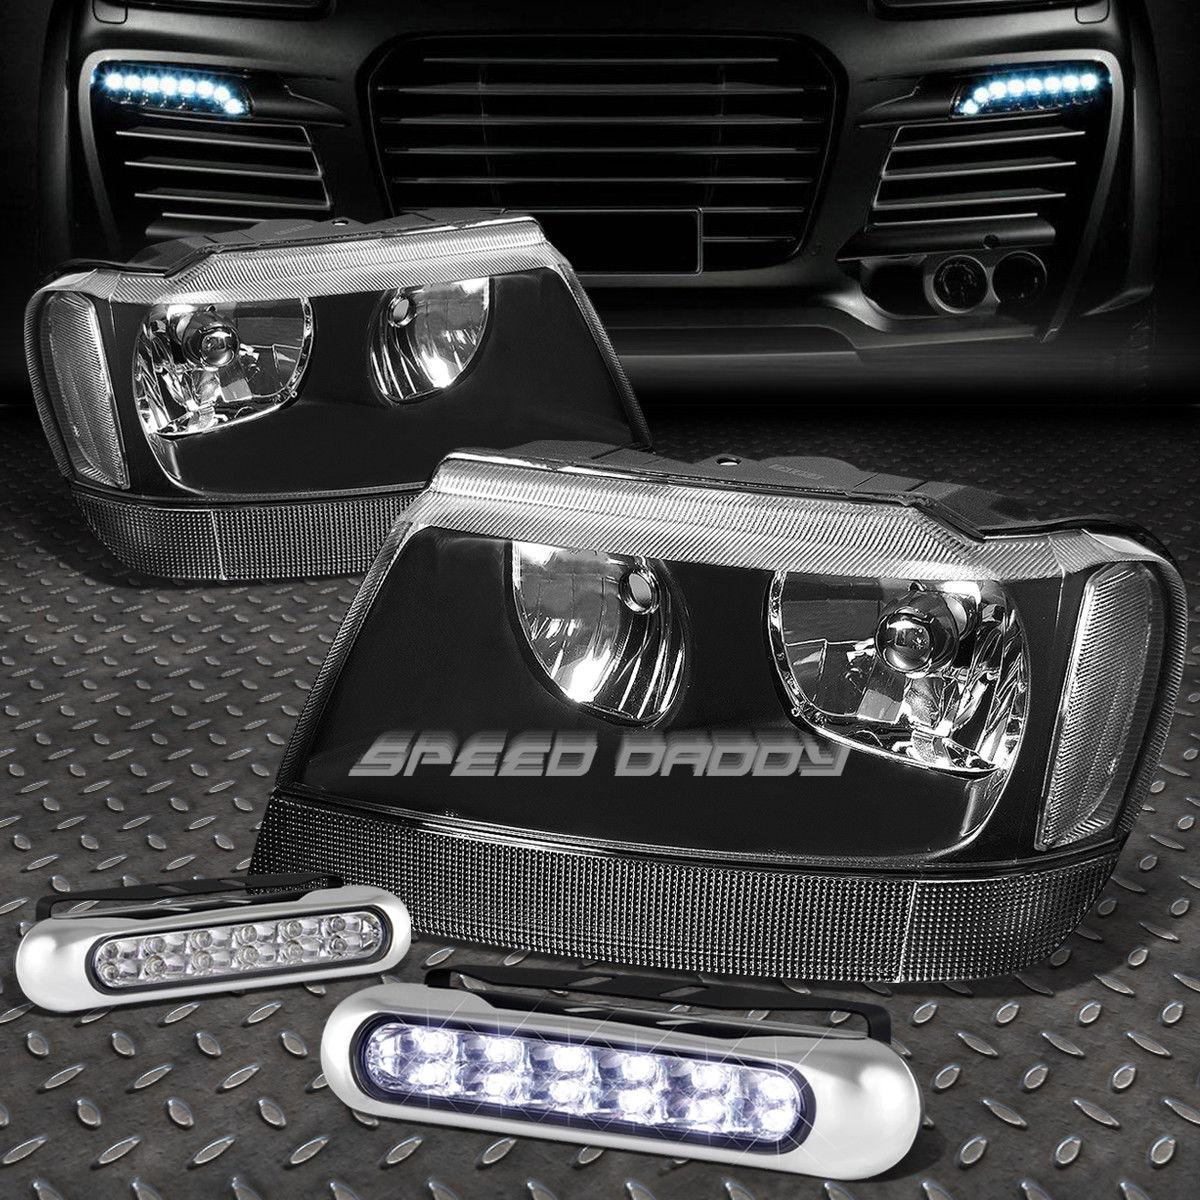 フォグライト BLACK HOUSING HEADLIGHT CLEAR CORNER+12 LED GRILL FOG LIGHT FOR 99-04 CHEROKEE ブラックハウジングヘッドライトクリアコーナー+ 99-04チェロキー用12グリルフォグライト